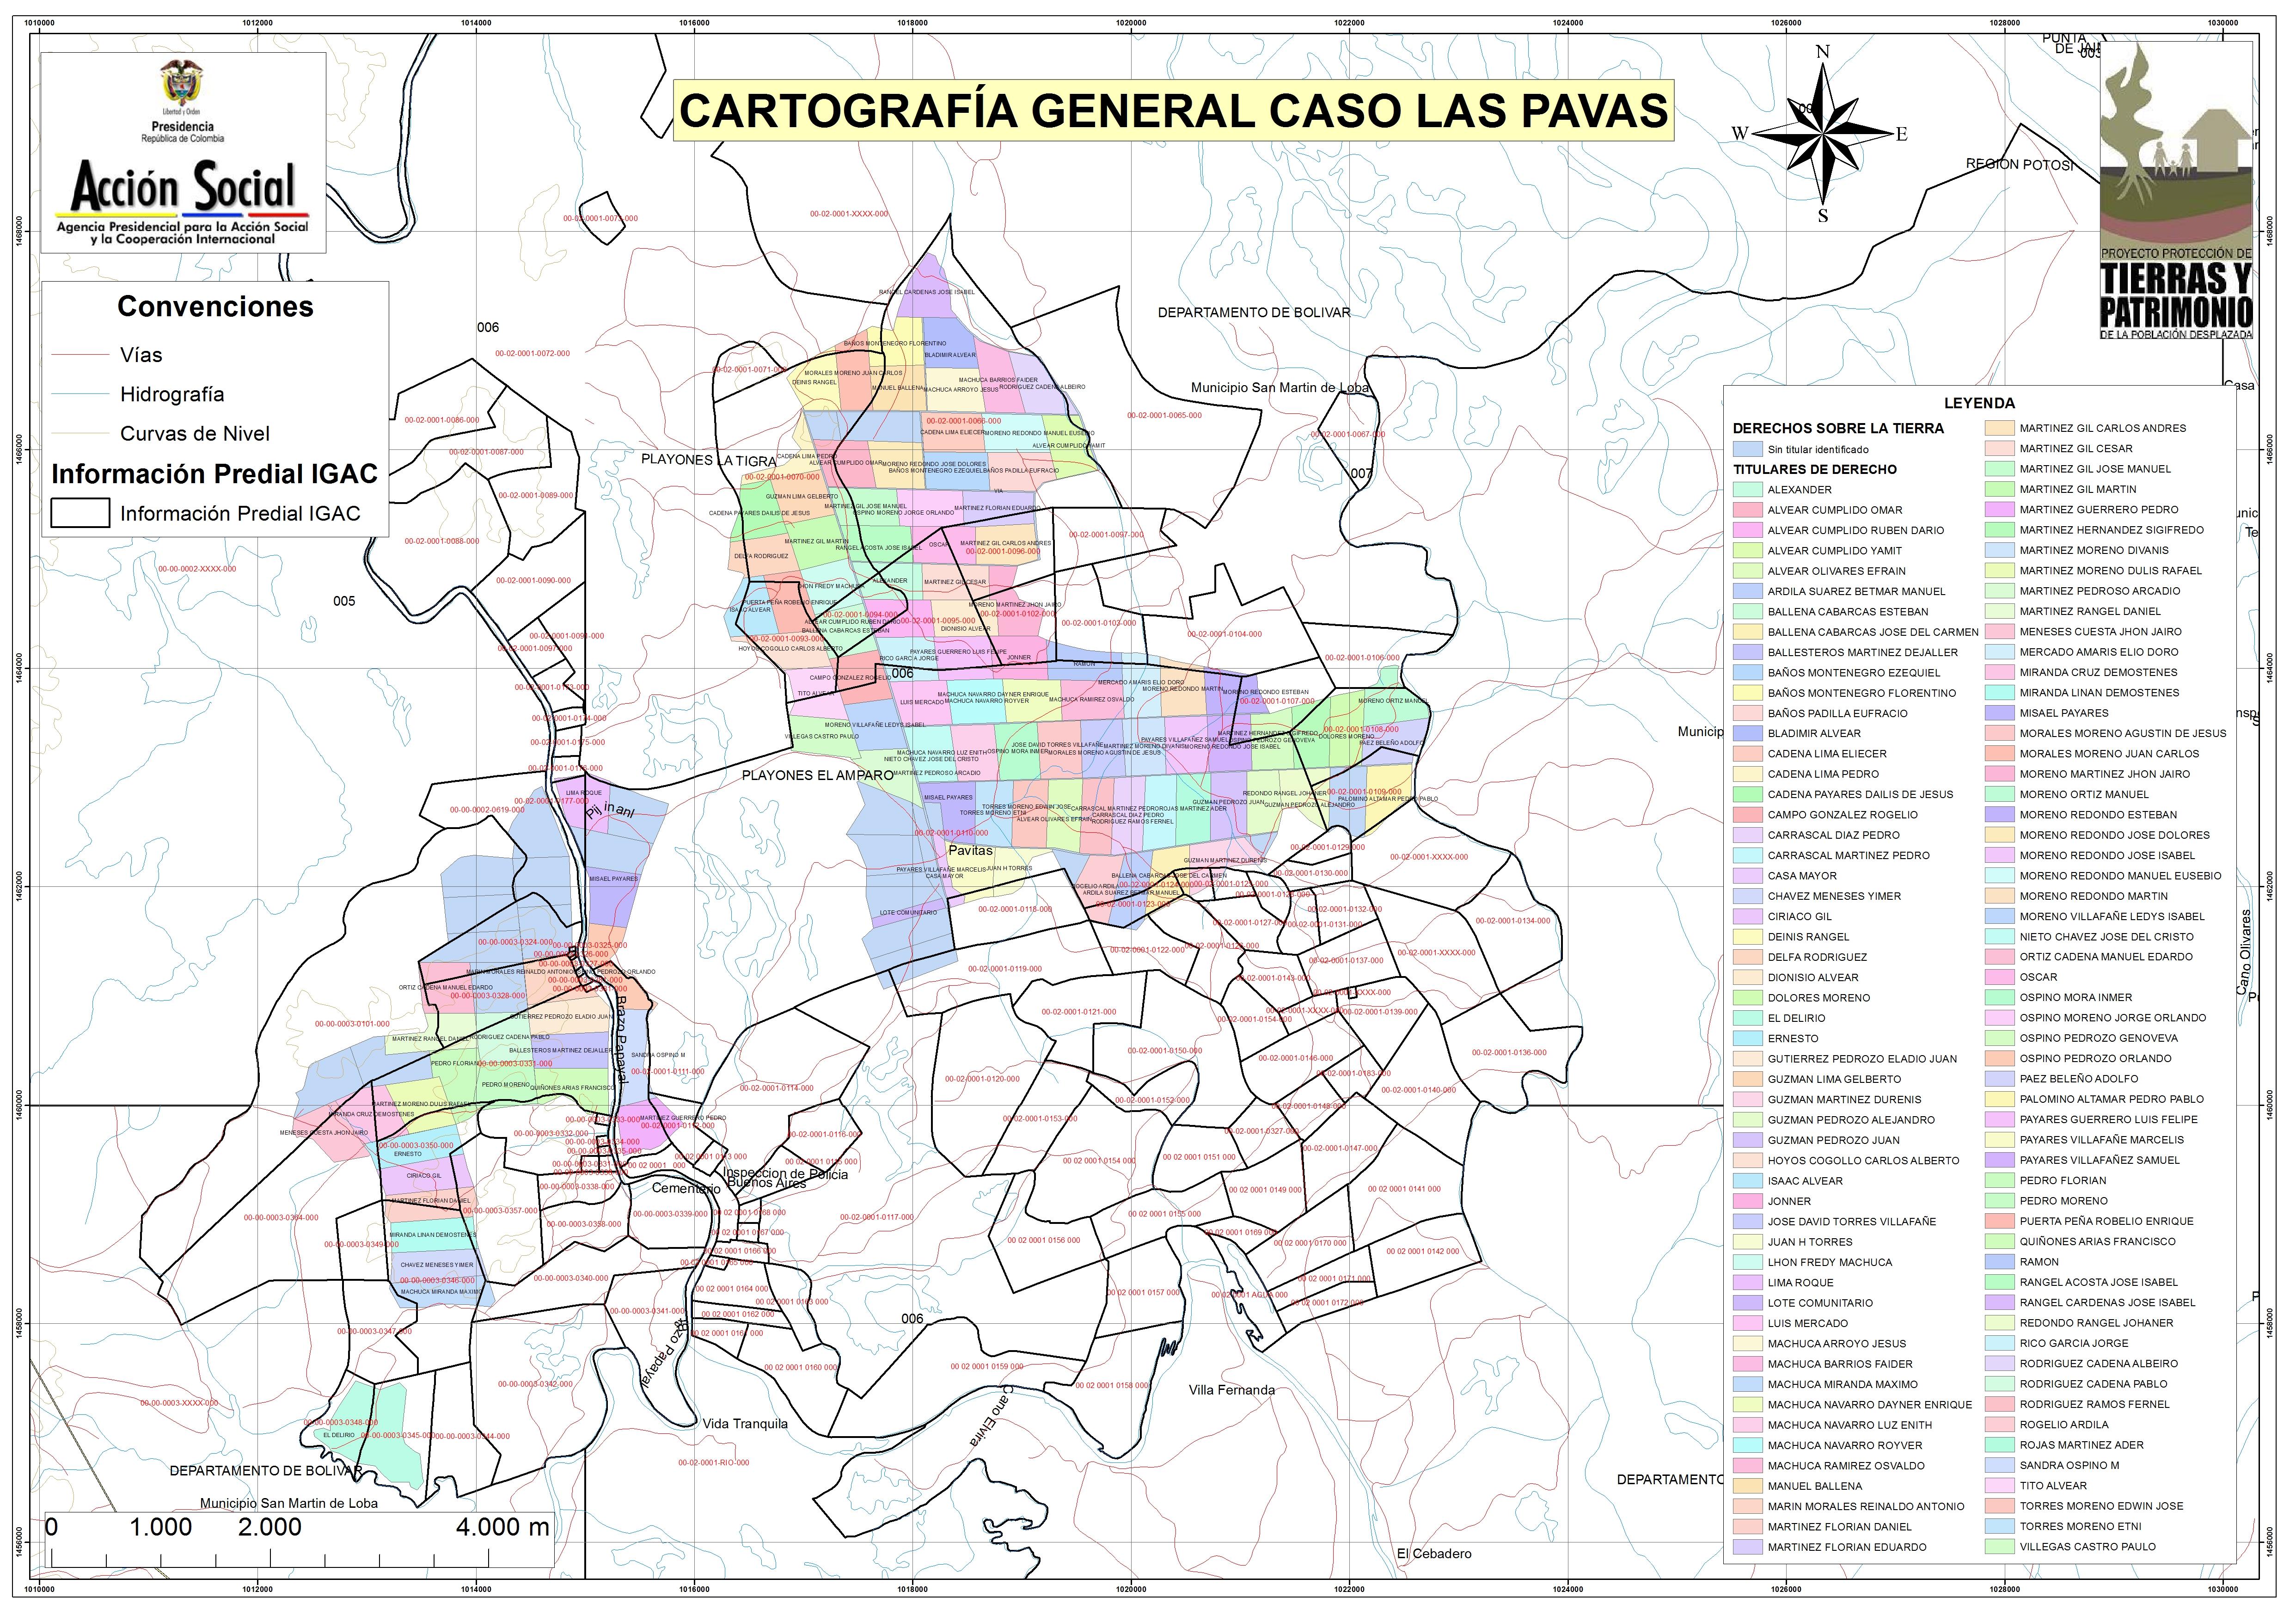 Cartografía general caso Las Pavas